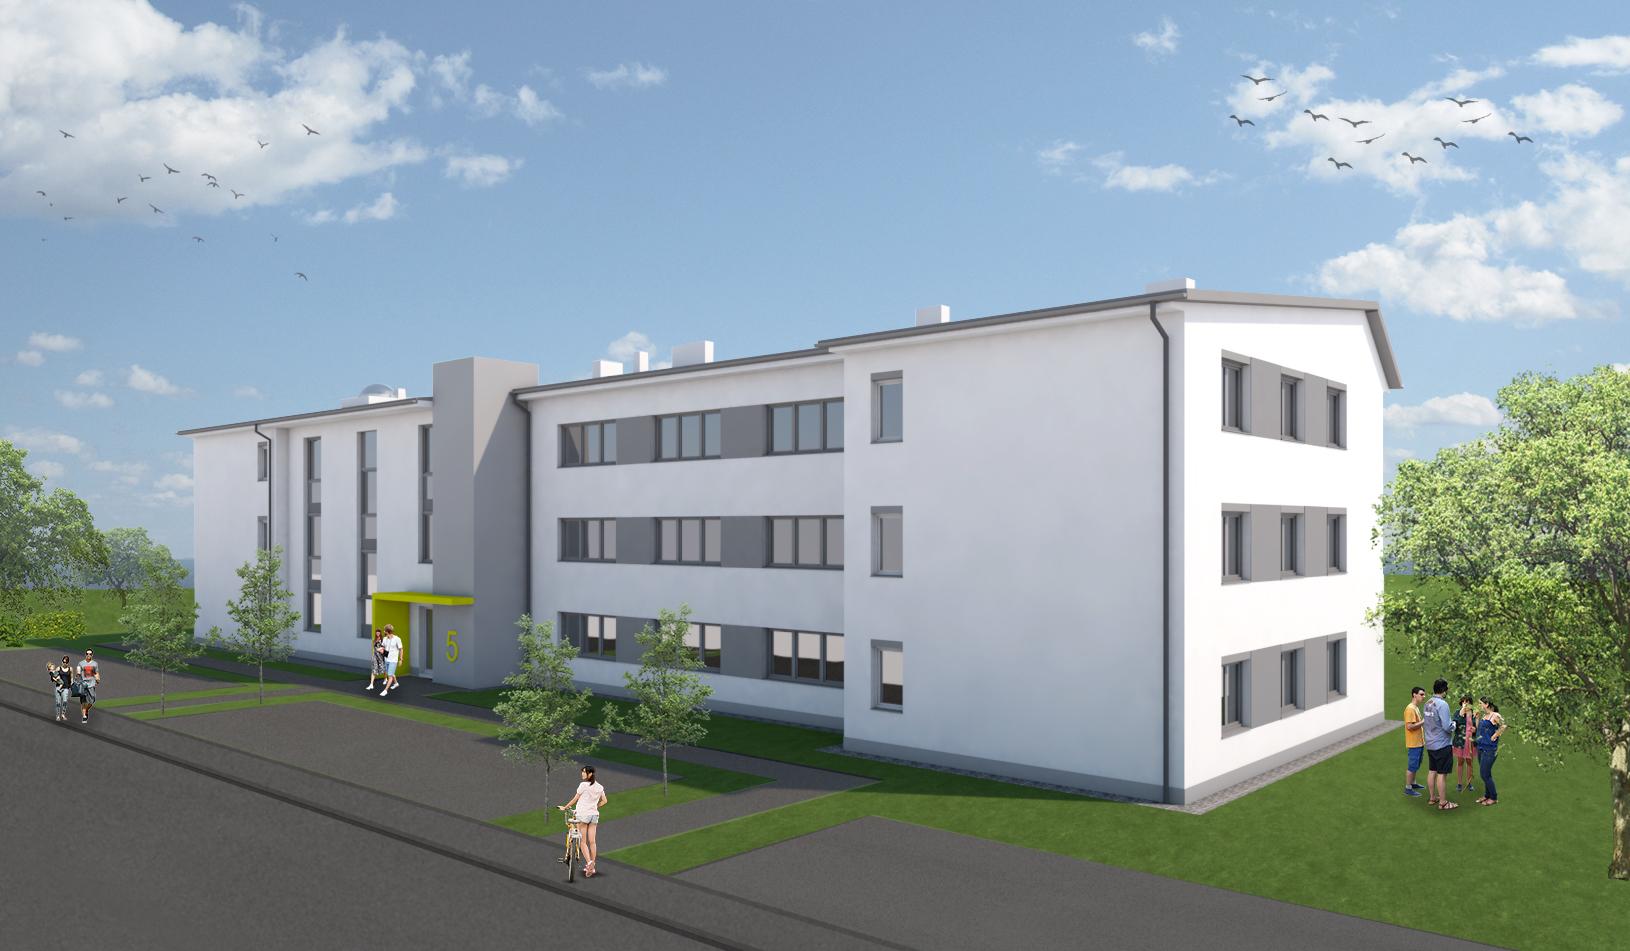 Immobilie von Kamptal in 3542 Gföhl, Krems(Land), Gföhl V/3 - Top 512 #2